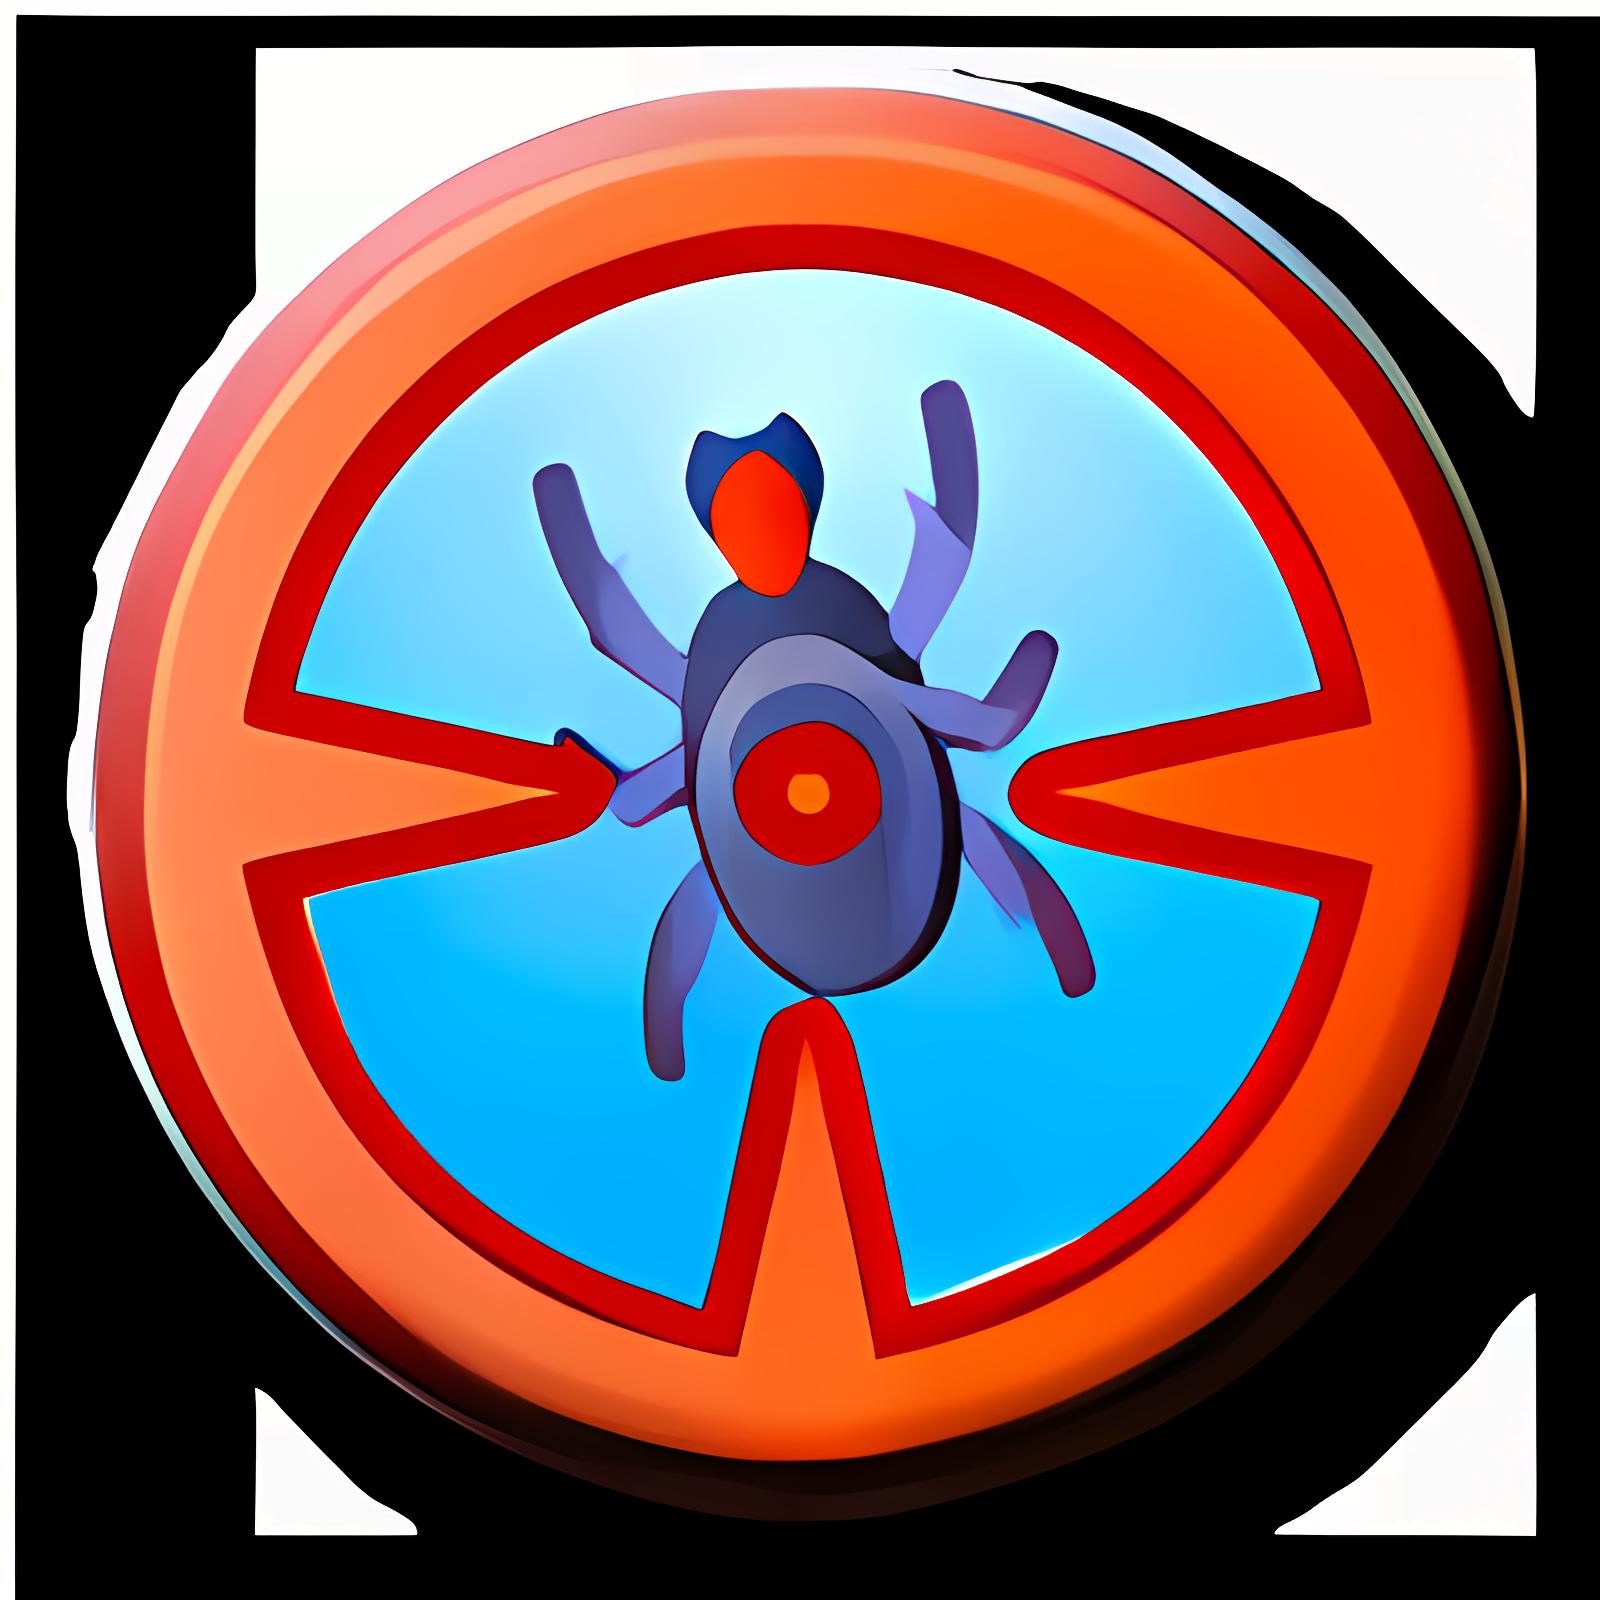 iAntivirus 1.36 Free Edition